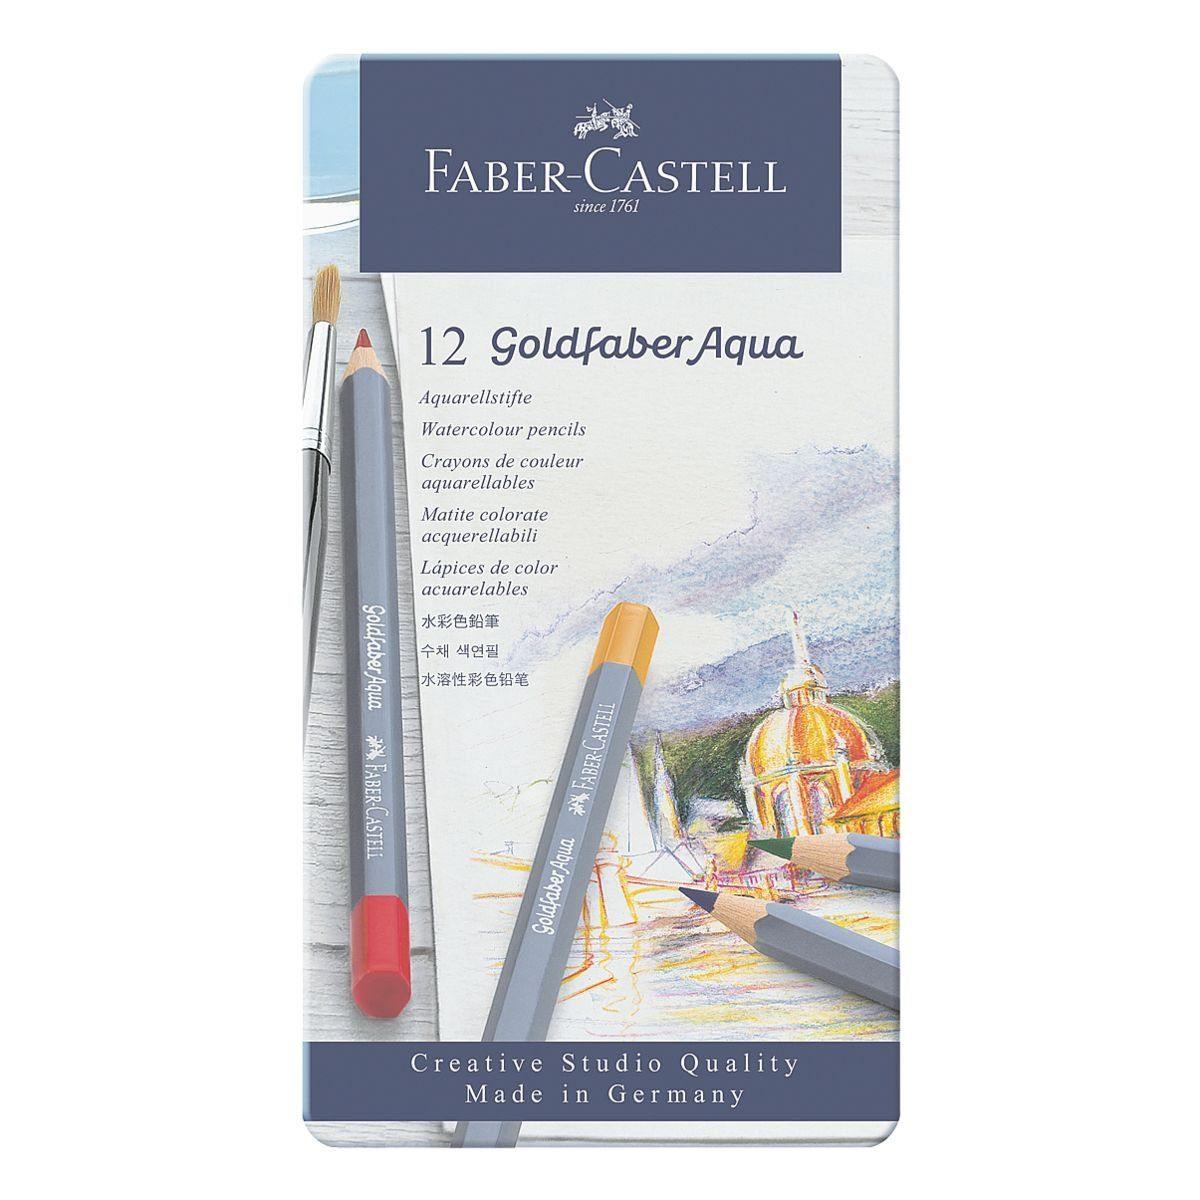 Faber-Castell 12er-Pack Aquarellstifte »Goldfaber Aqua«